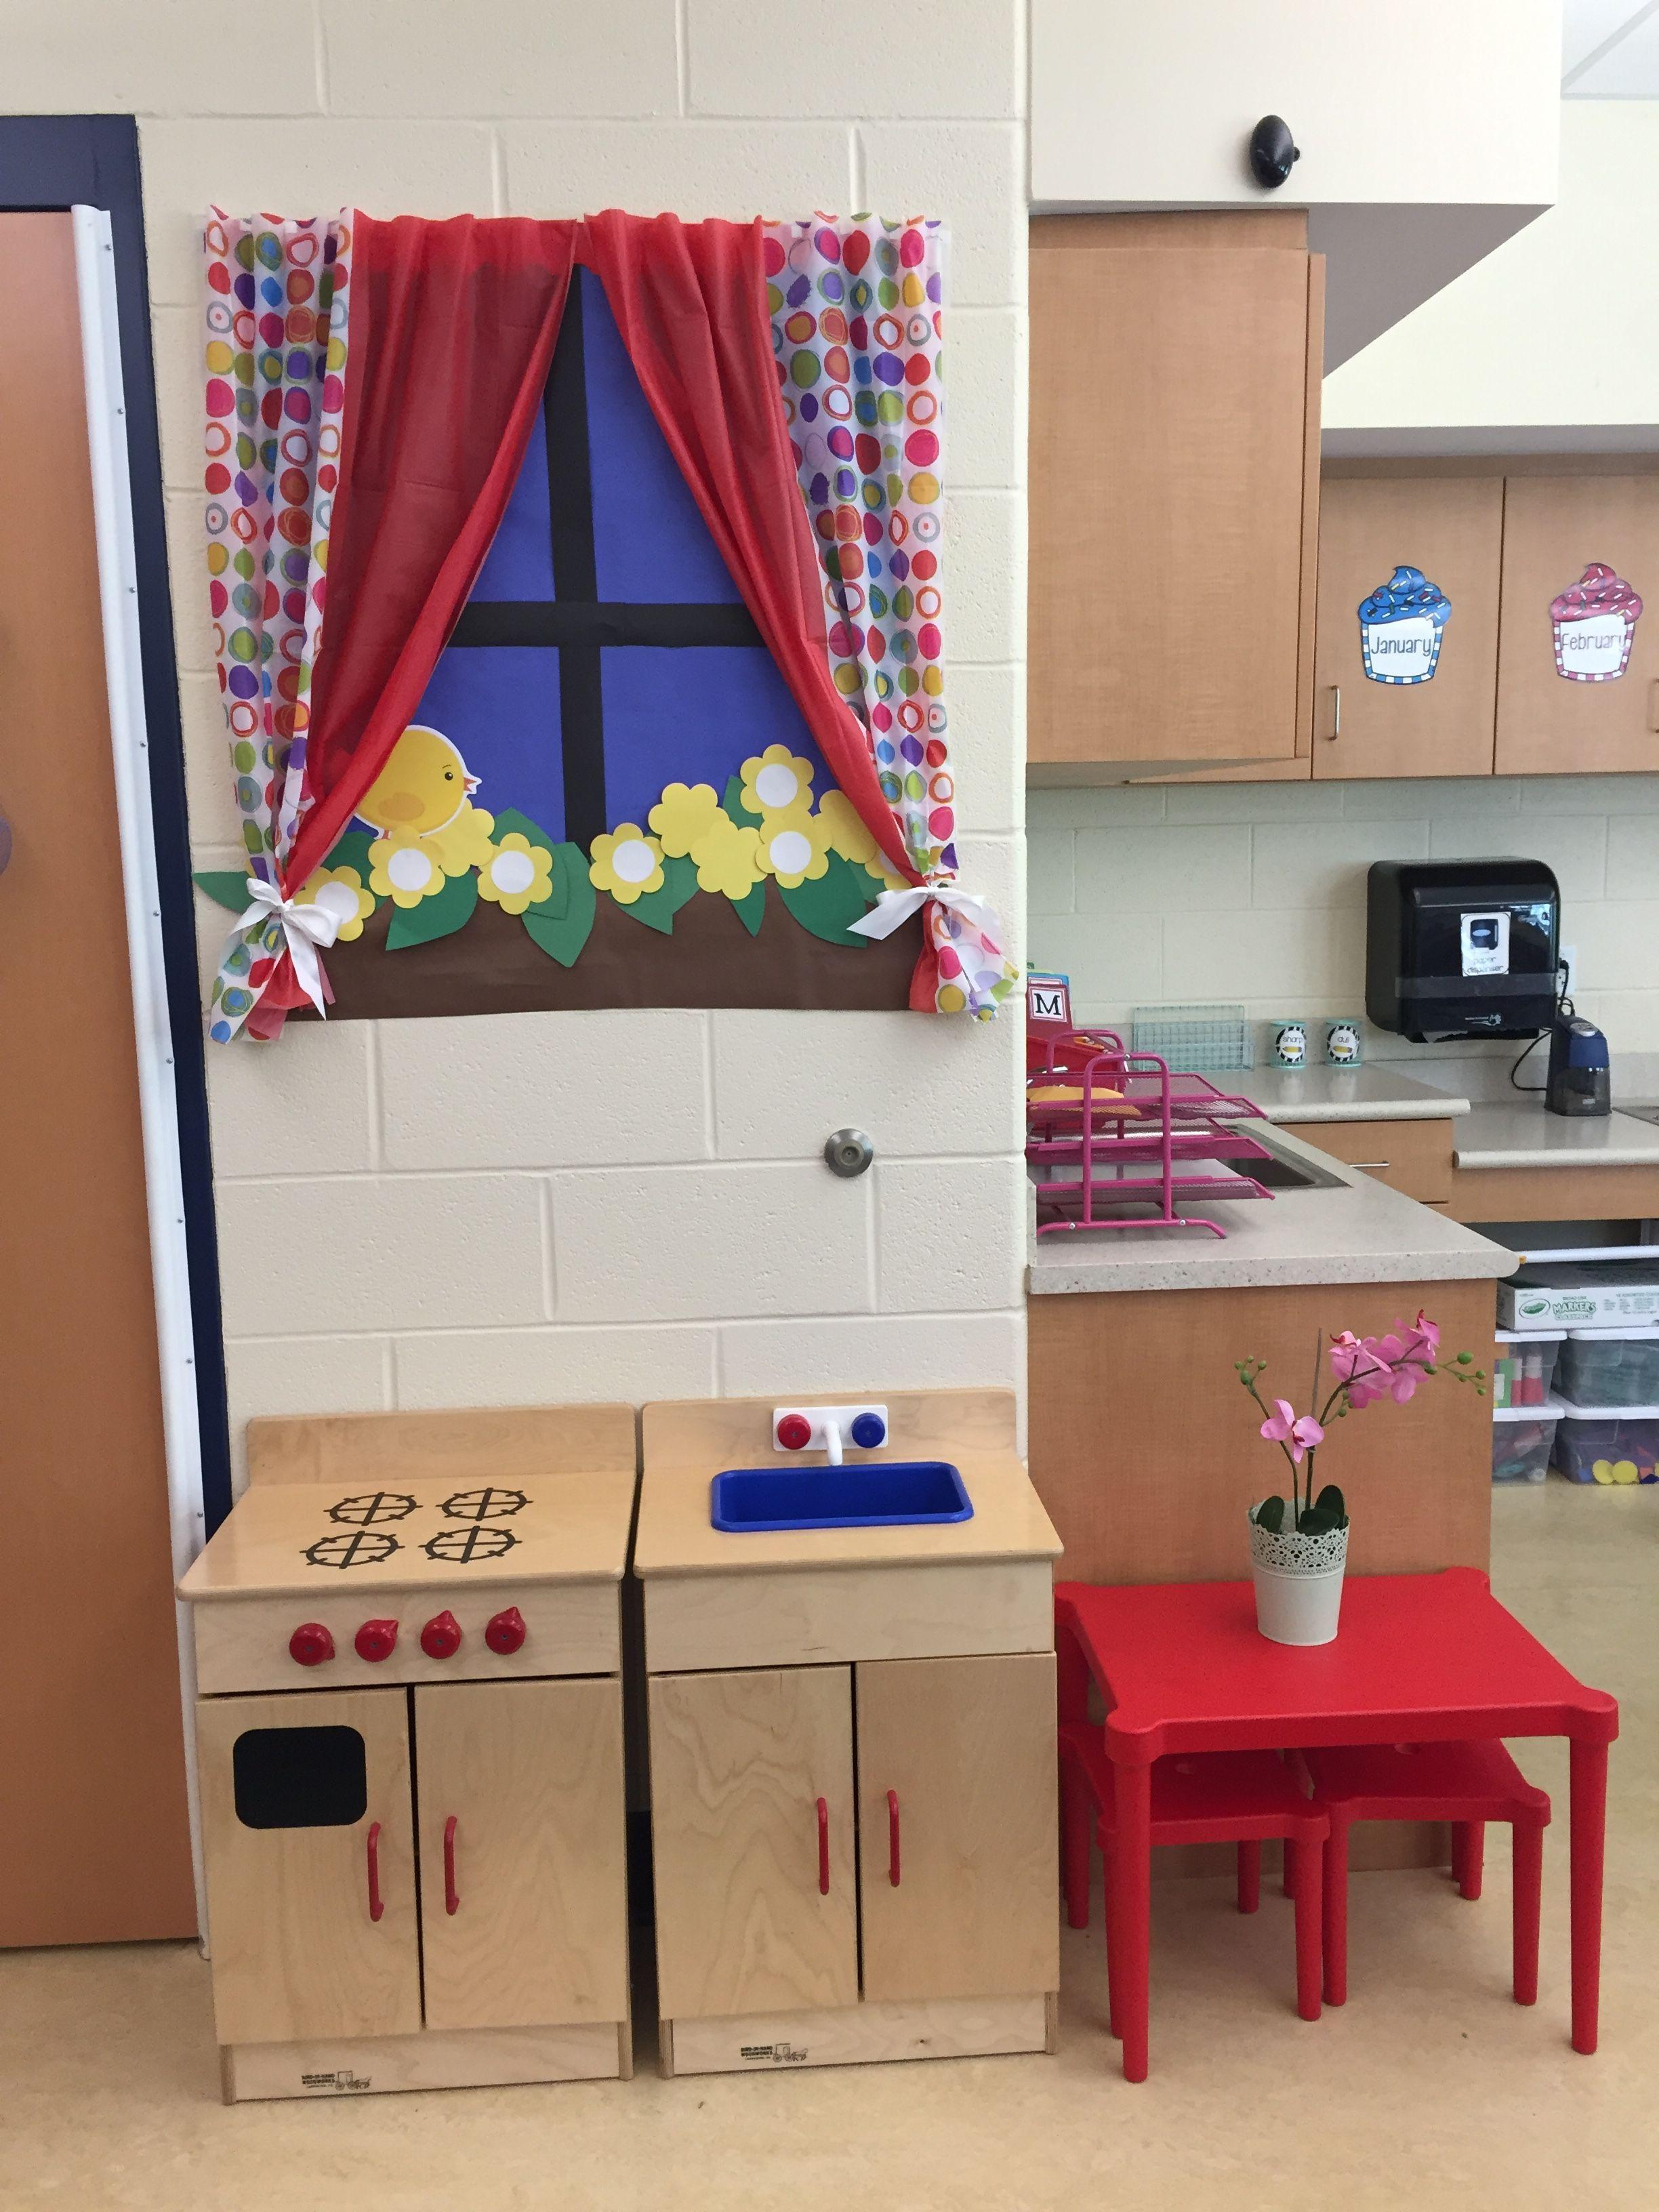 Kindergarten Play Kitchen Window Teaching Zwj Preschool Dramatic Play Preschool Preschool Kitchen Center Kids Play Kitchen